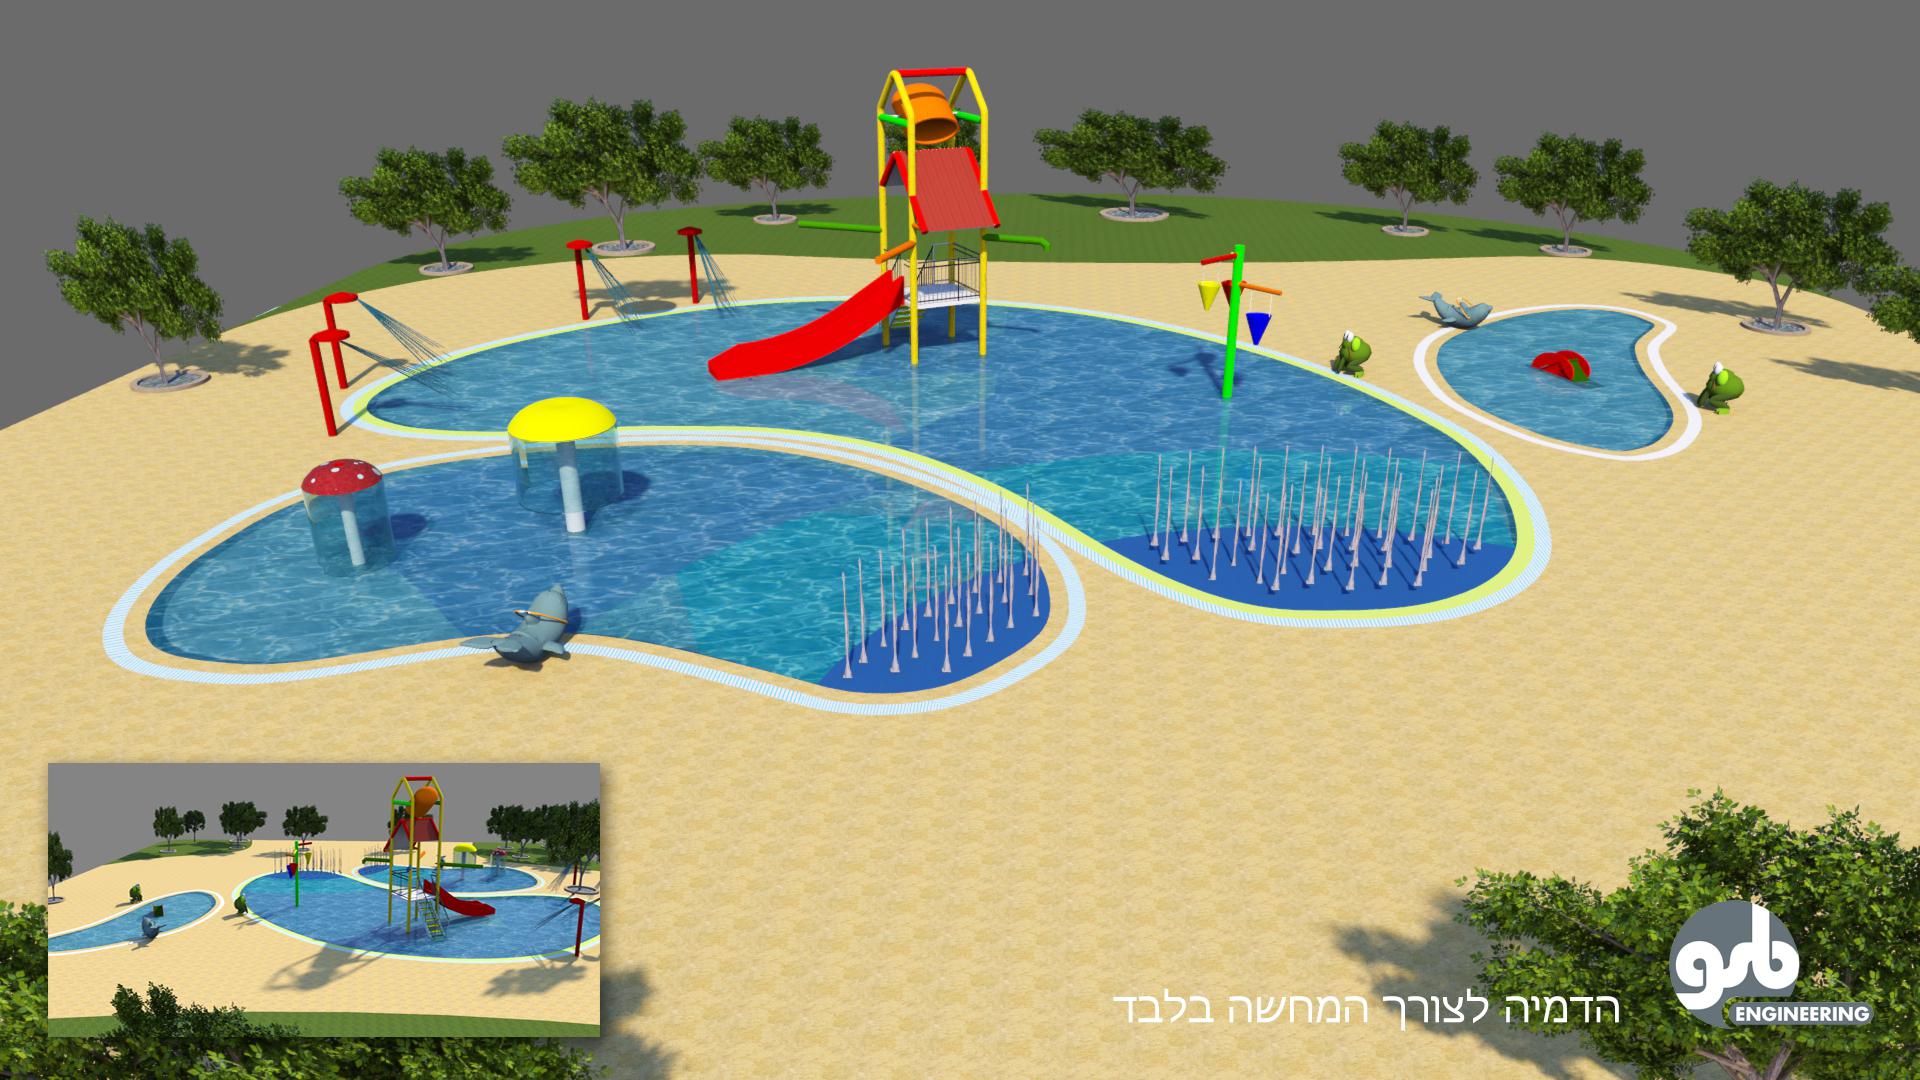 תכנון בריכת שחייה לילדים - מתחם שעשועי מים באופקים